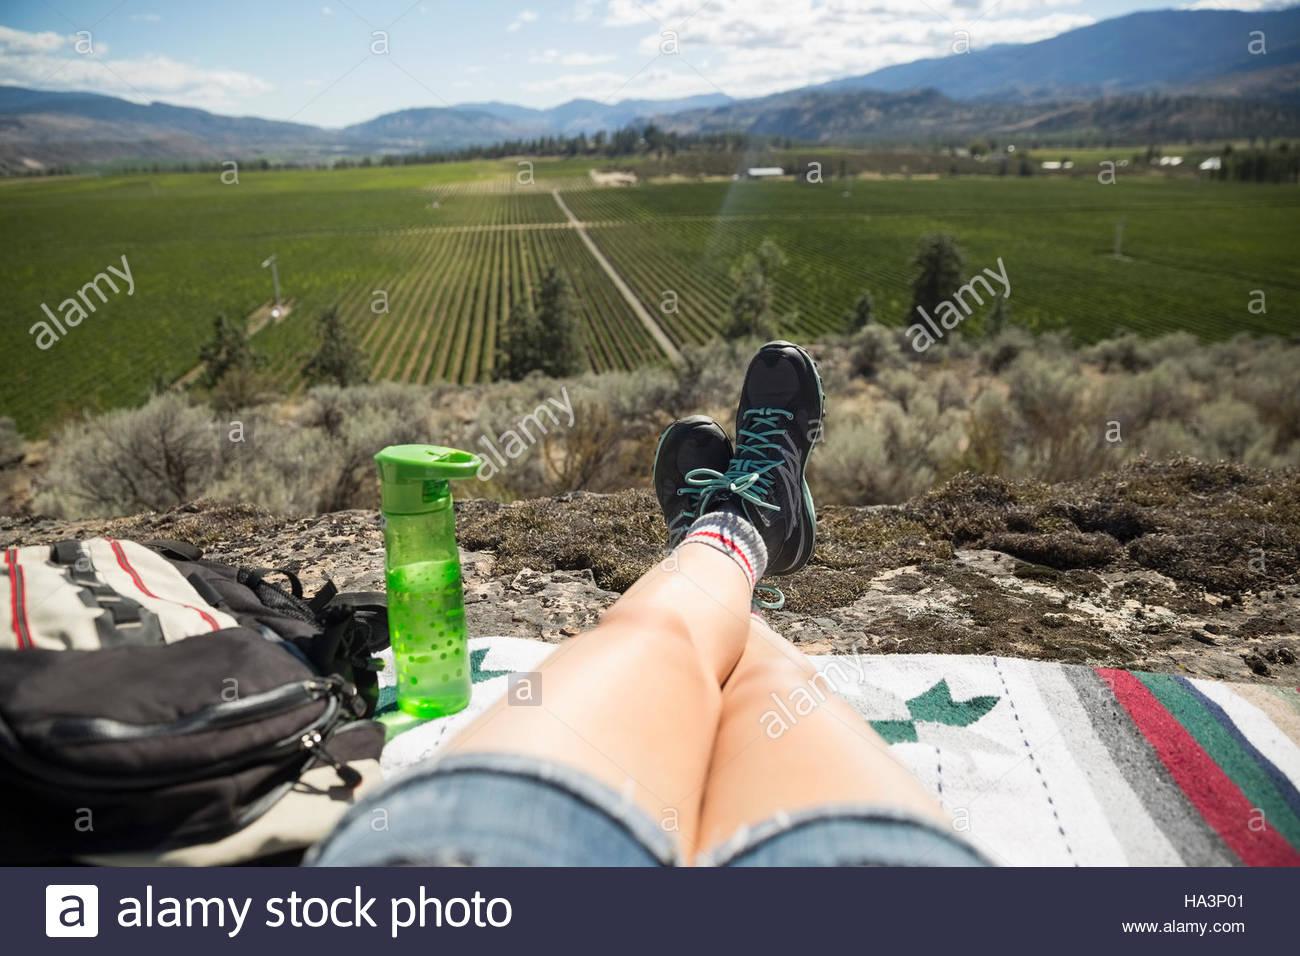 Punto di vista personale donna escursionista rilassante guardando soleggiata vista rurale Immagini Stock